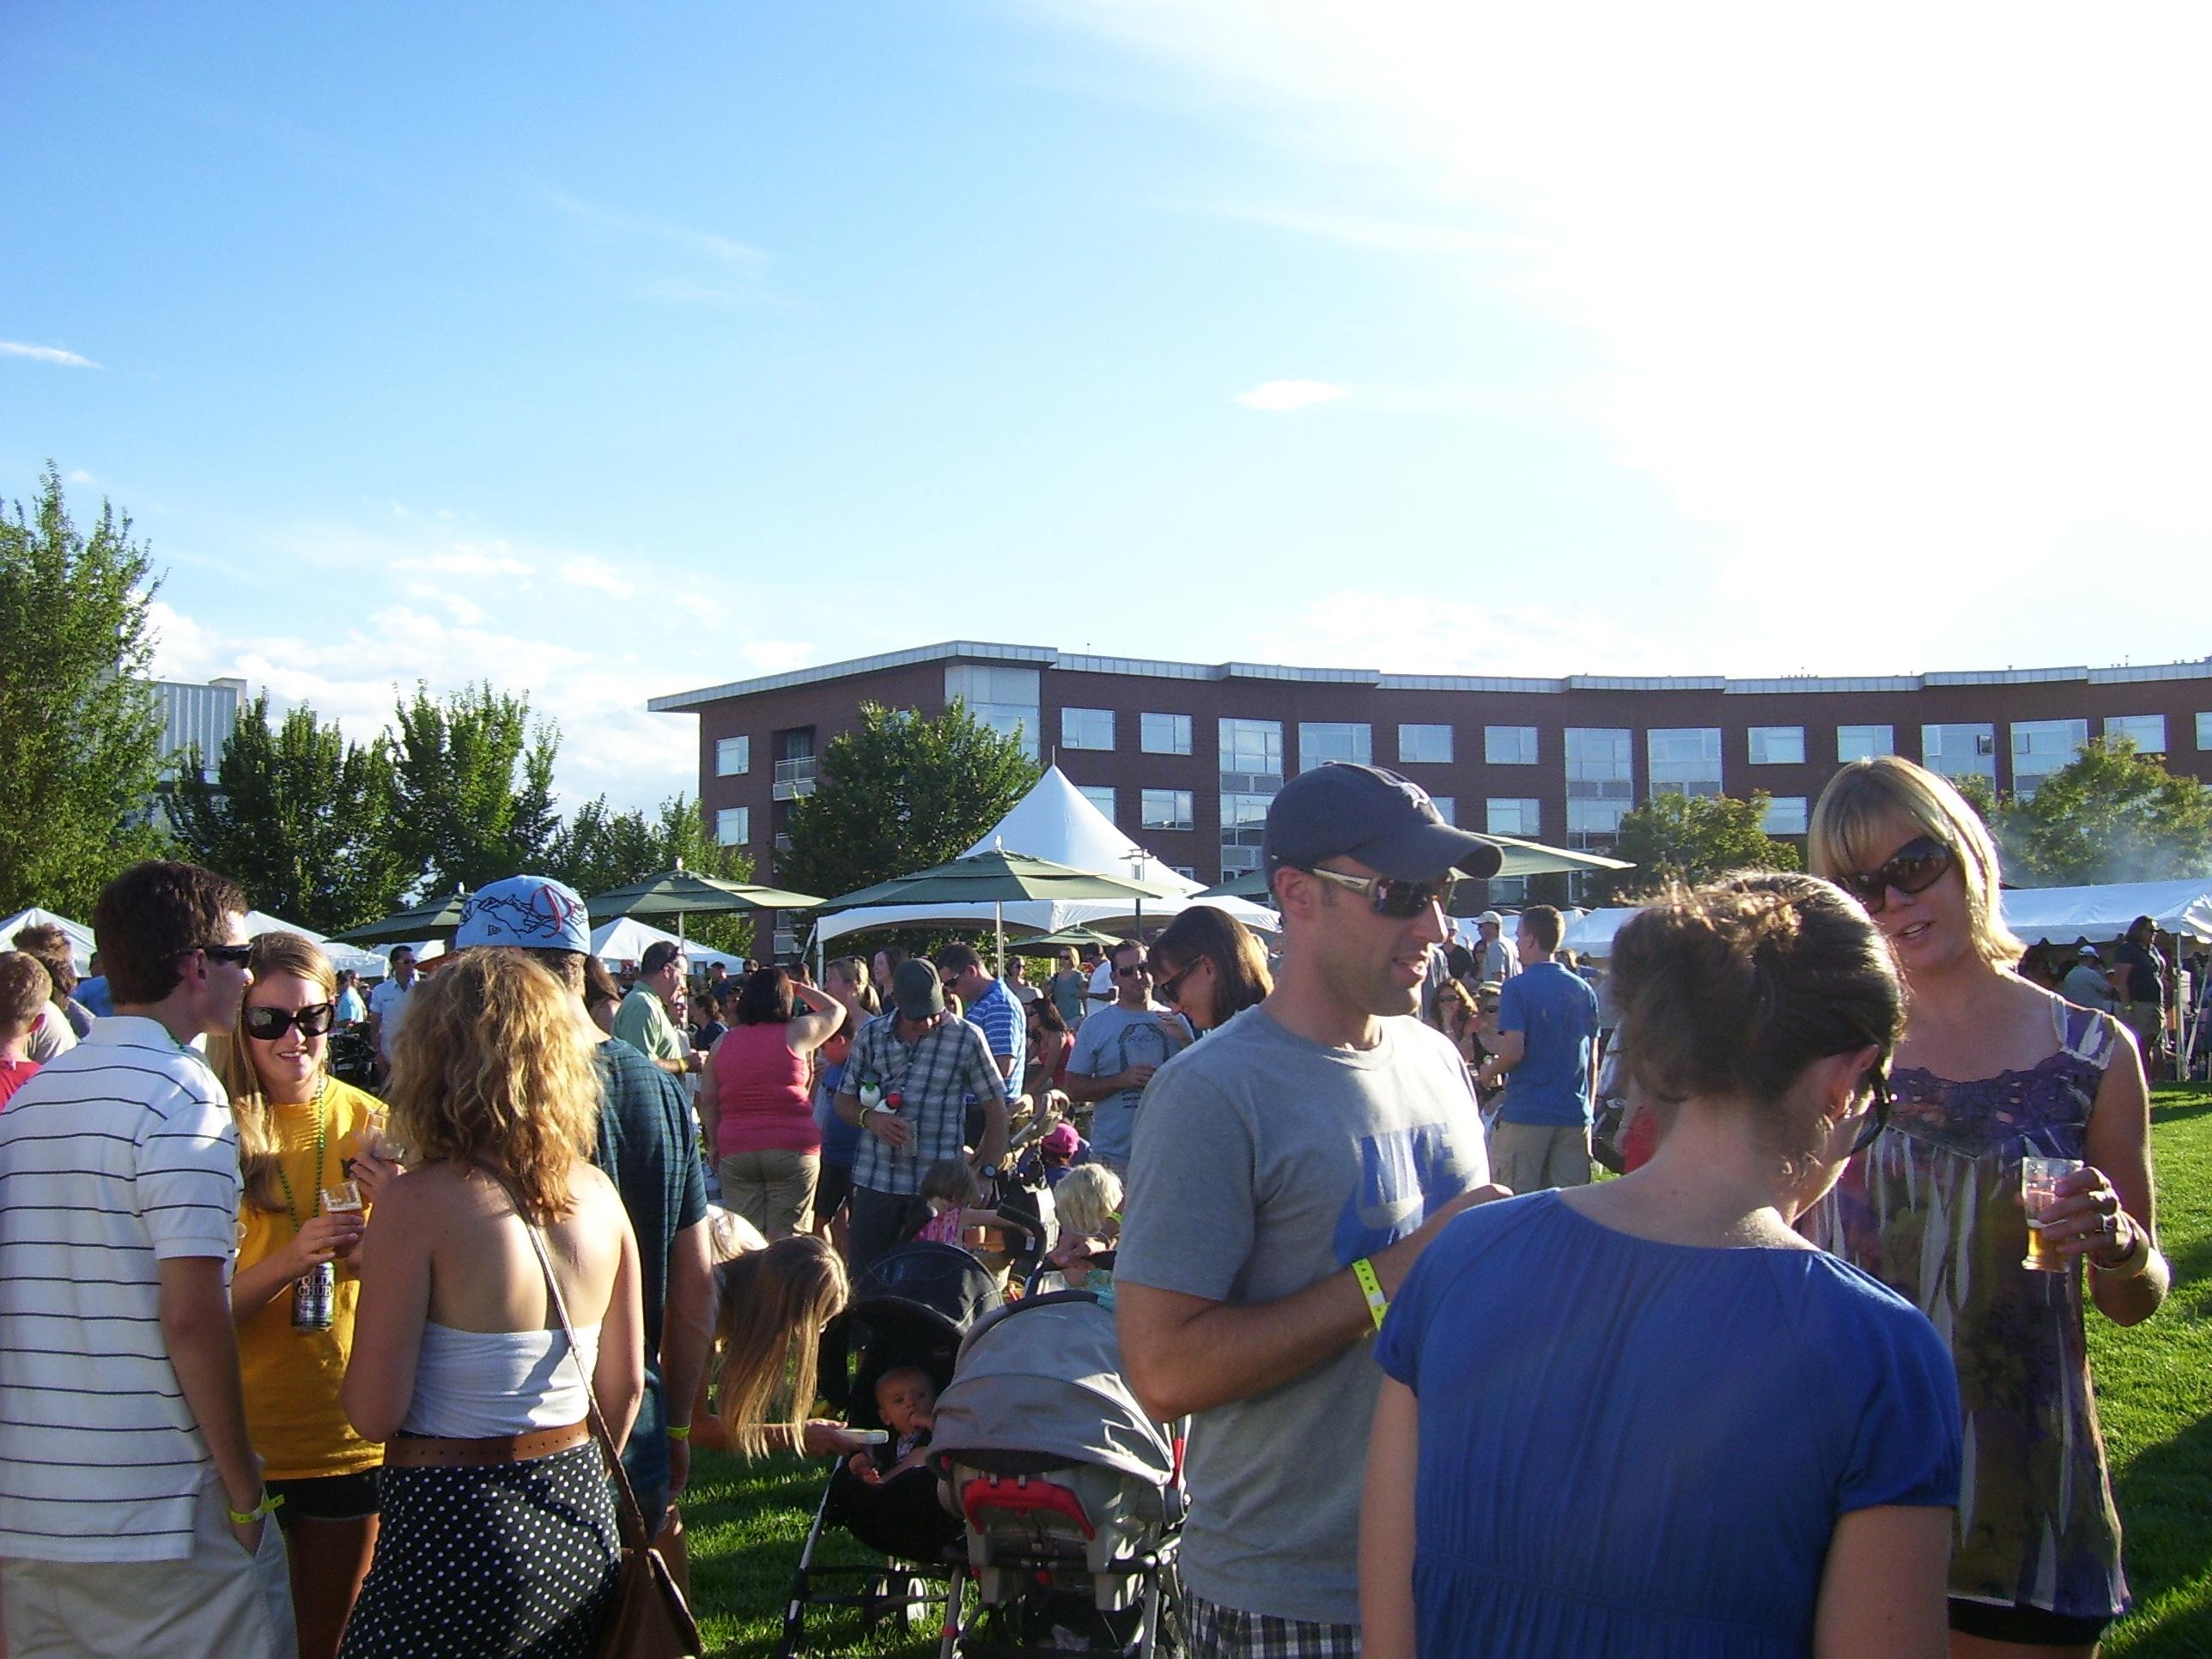 http://www.stapletondenver.com/wp-content/uploads/Stapleton_Beer_Festival_2_0.JPG